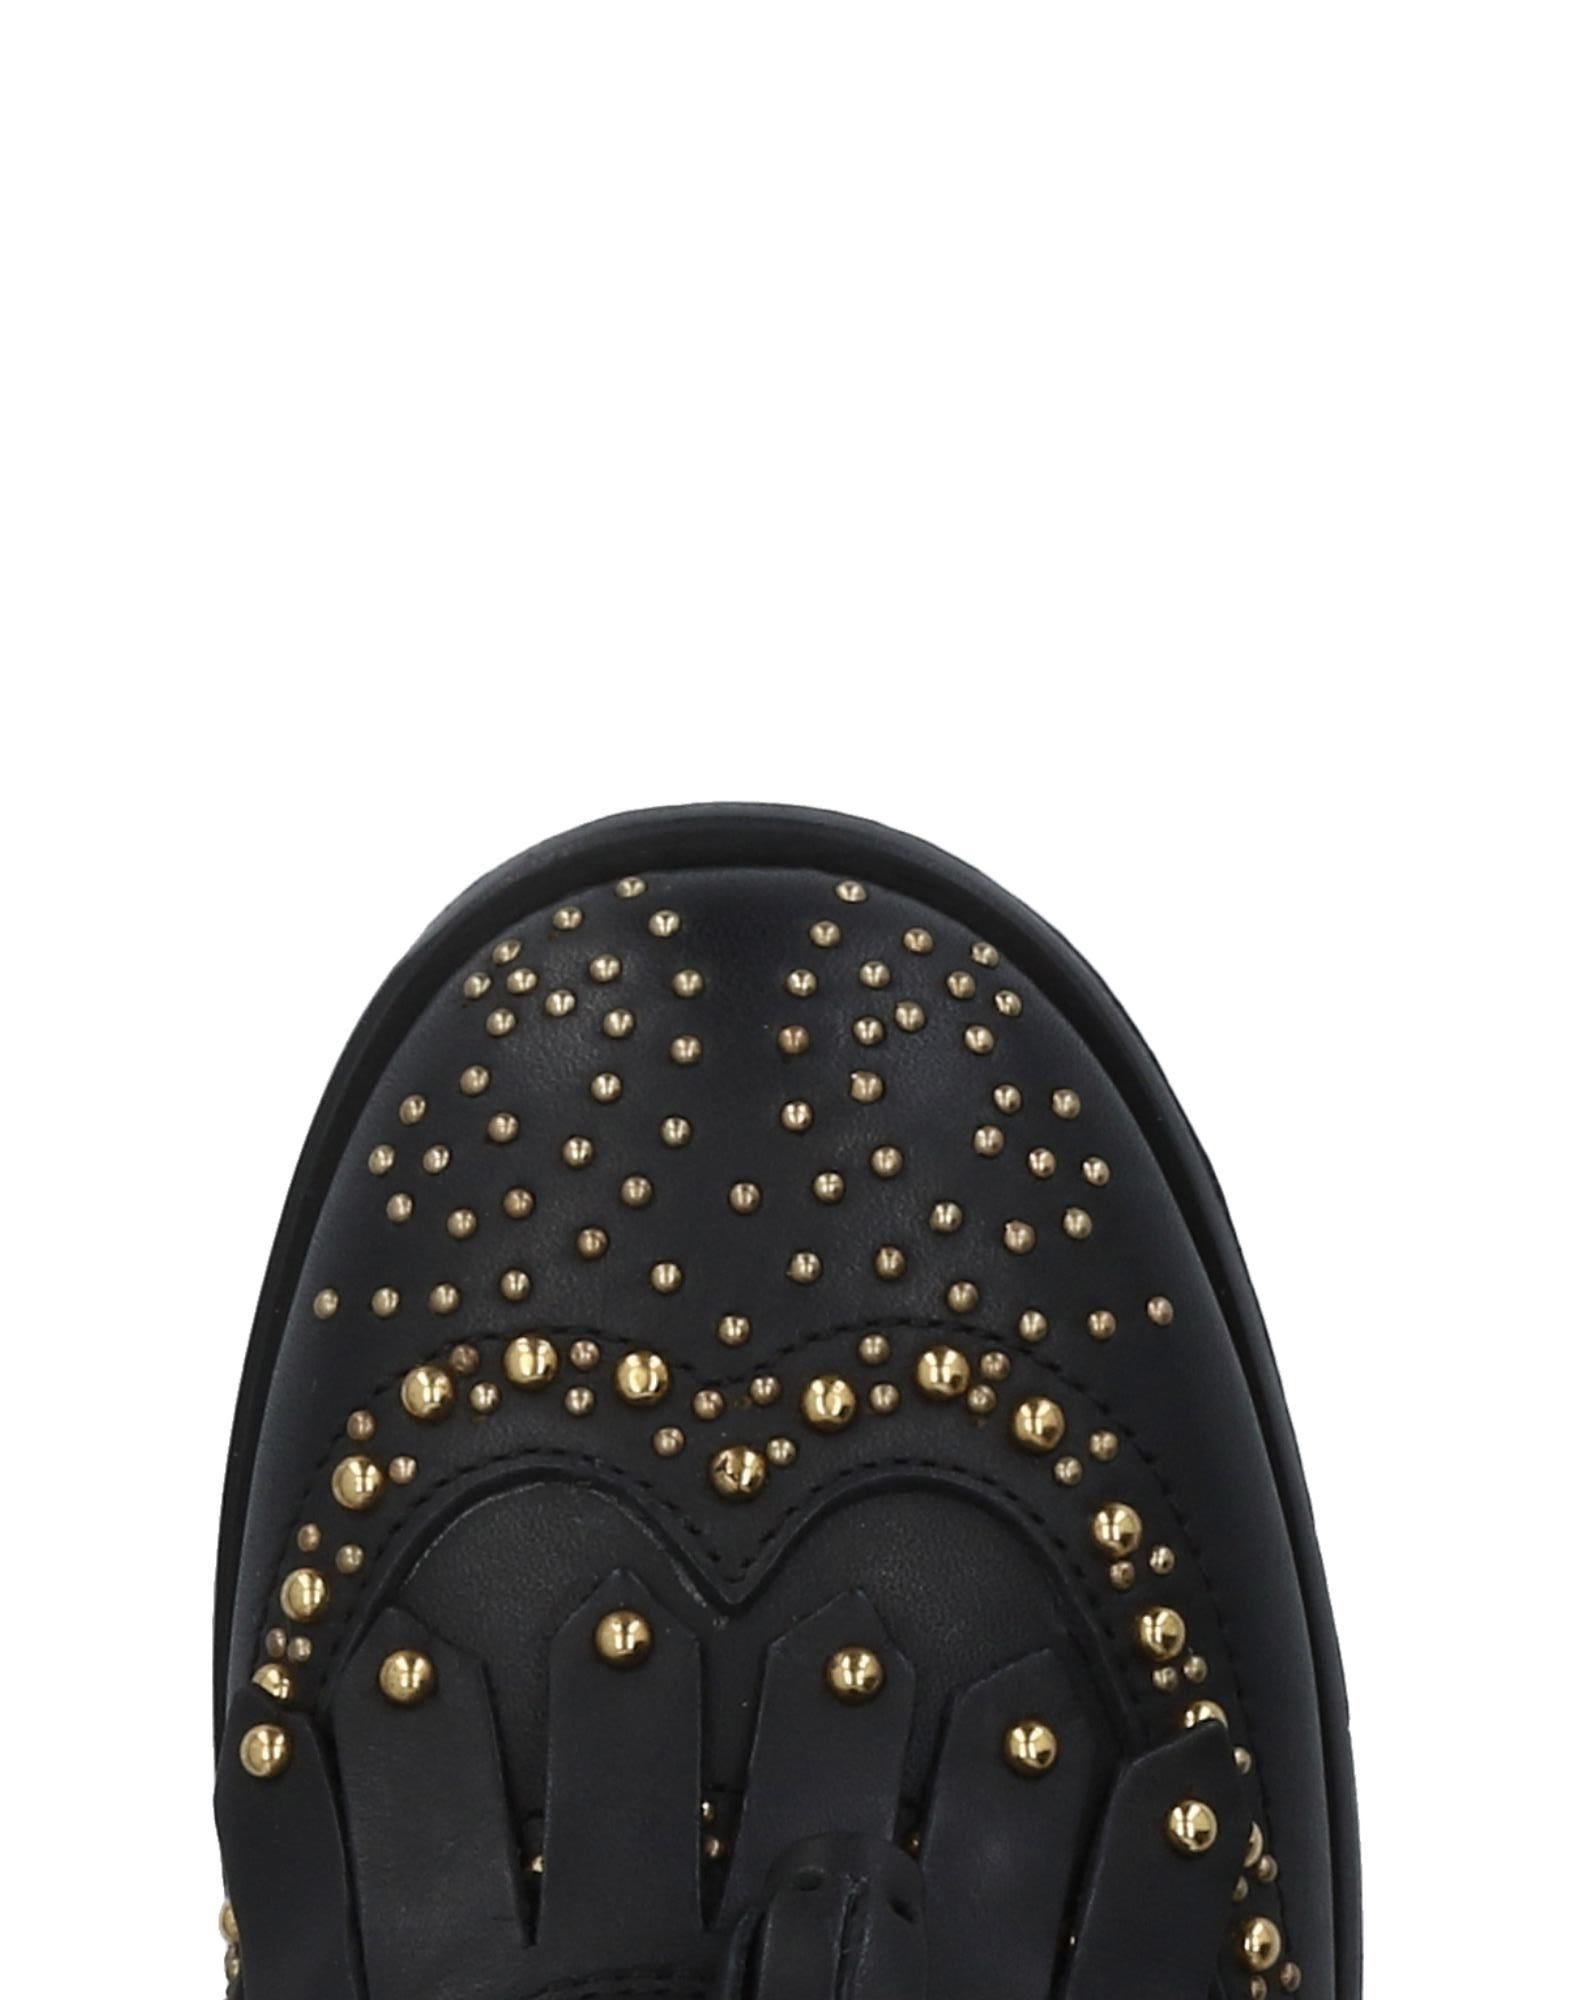 ... Lemaré Mokassins Damen Qualität 11483688CU Gute Qualität Damen beliebte  Schuhe a1536c e255b91cd5